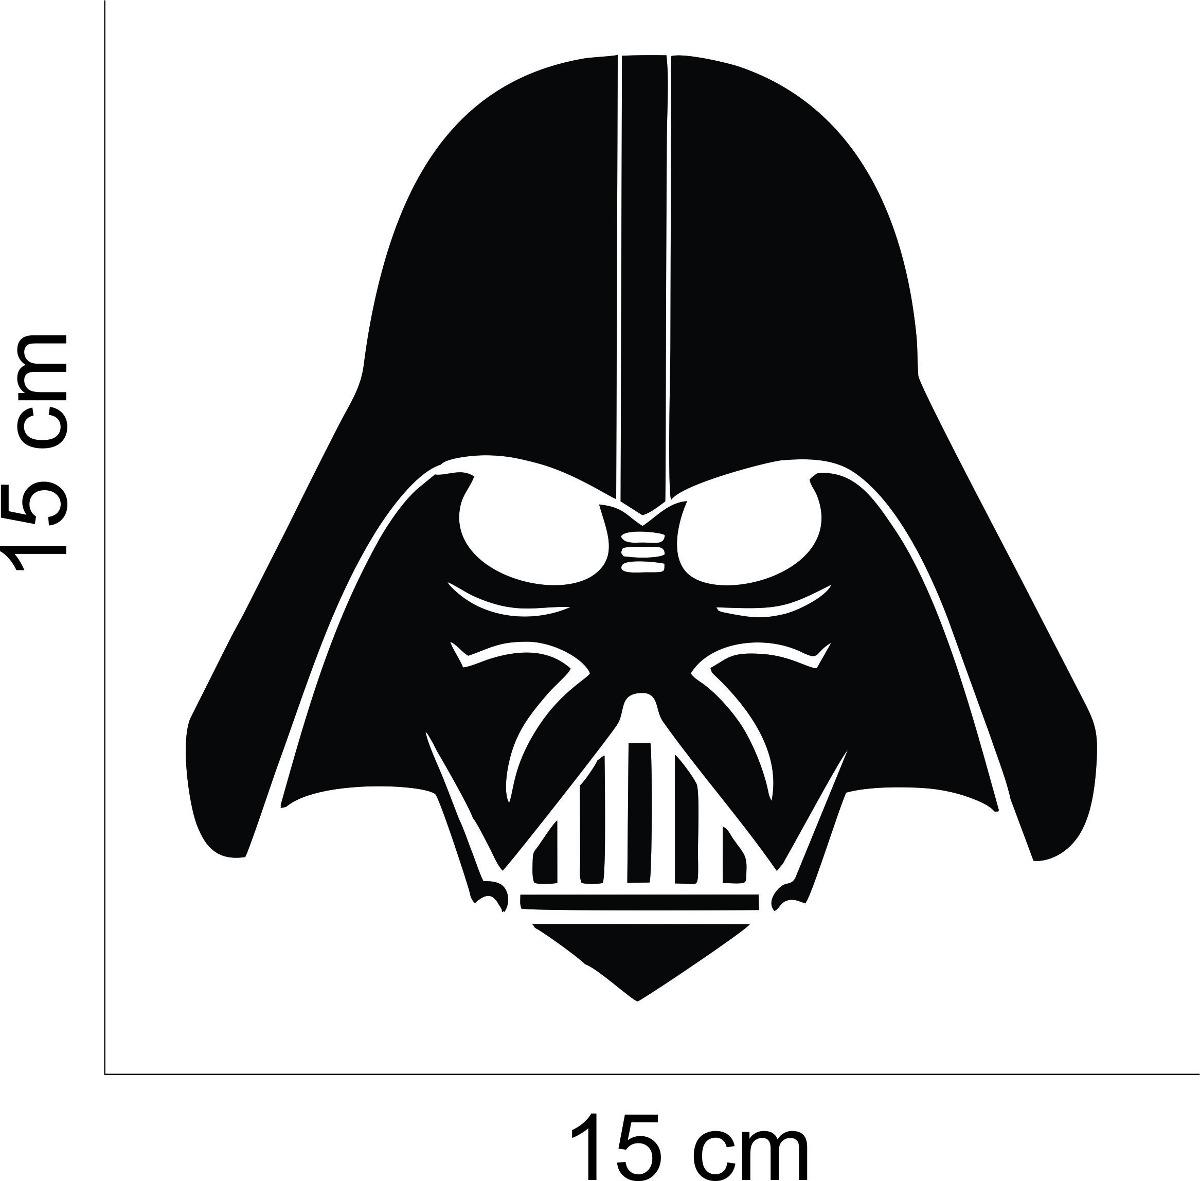 Adesivo Carro Tablet Notbook Darth Vader Star Wars